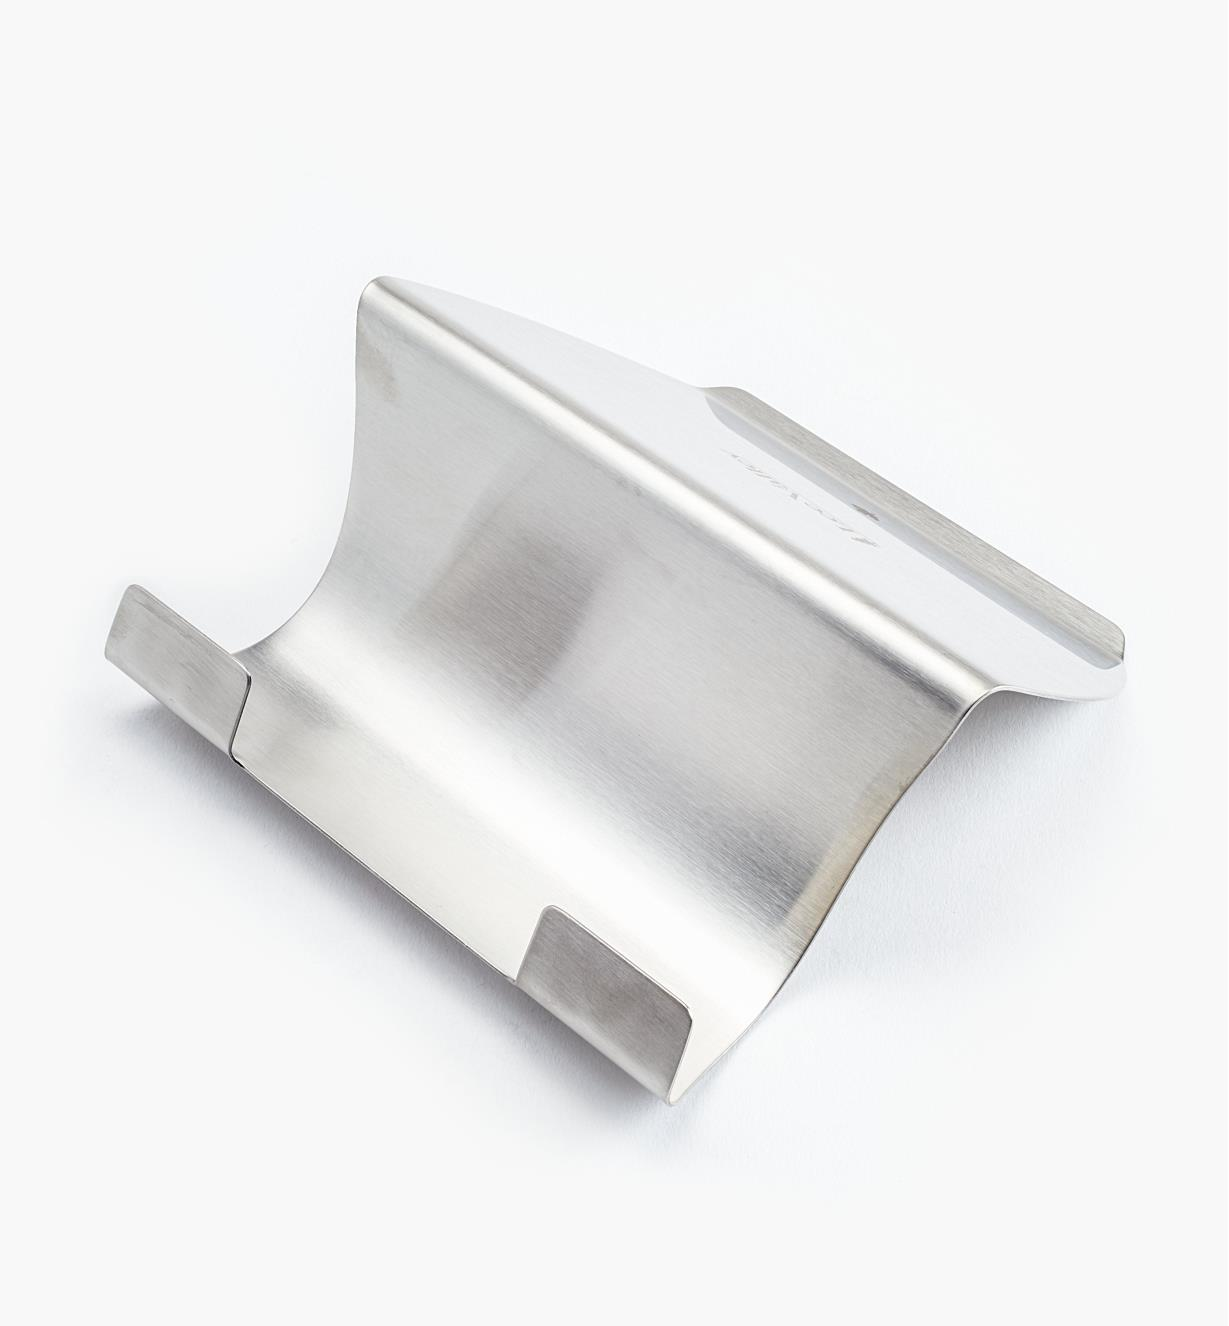 45K2601 - Porte-livre en acier inoxydable